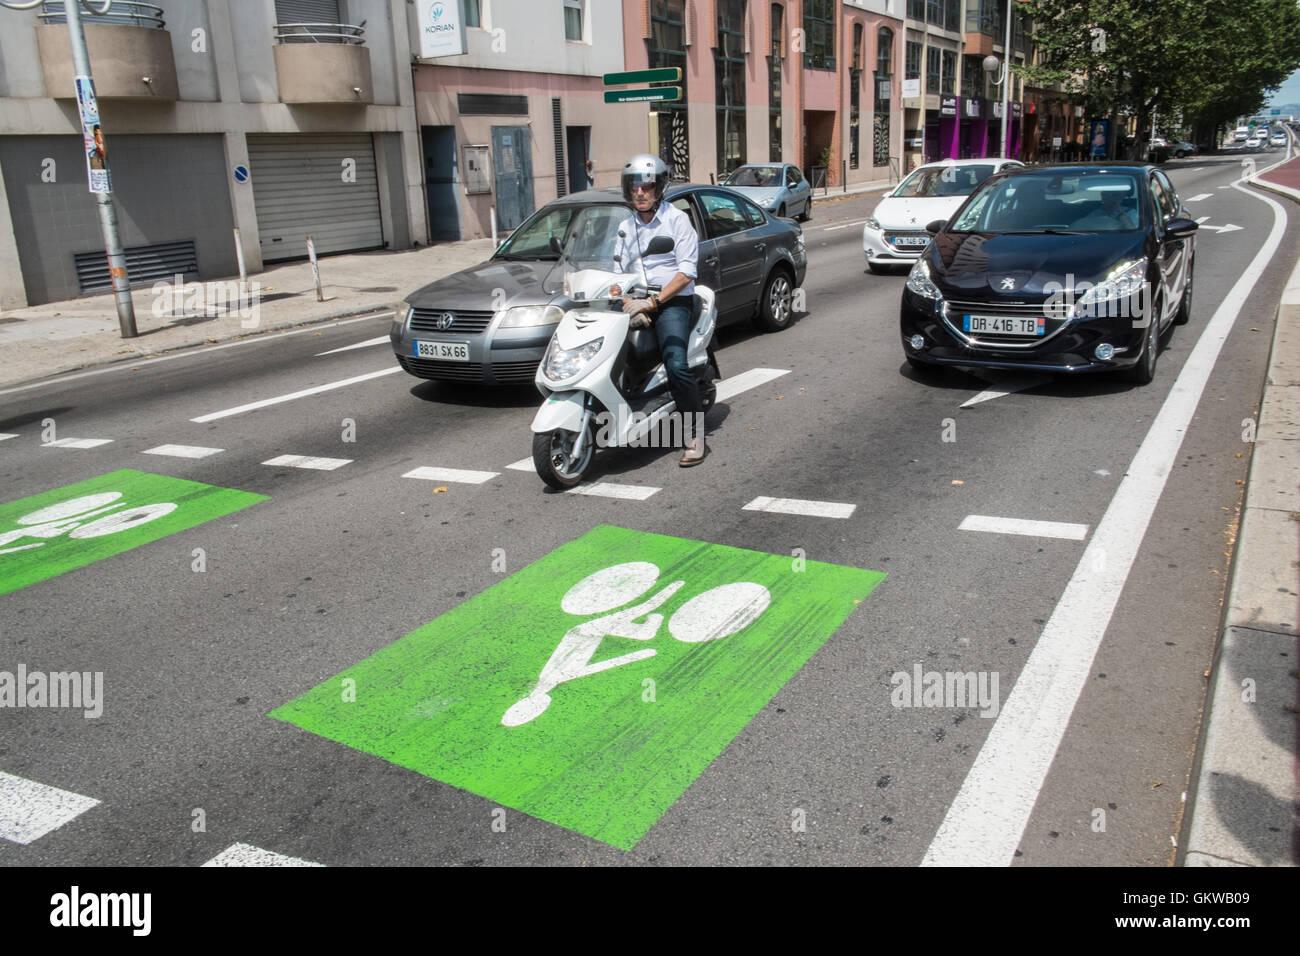 Priorité,espace,région de la boîte avant de trafic pour des vélos à passage piéton Photo Stock